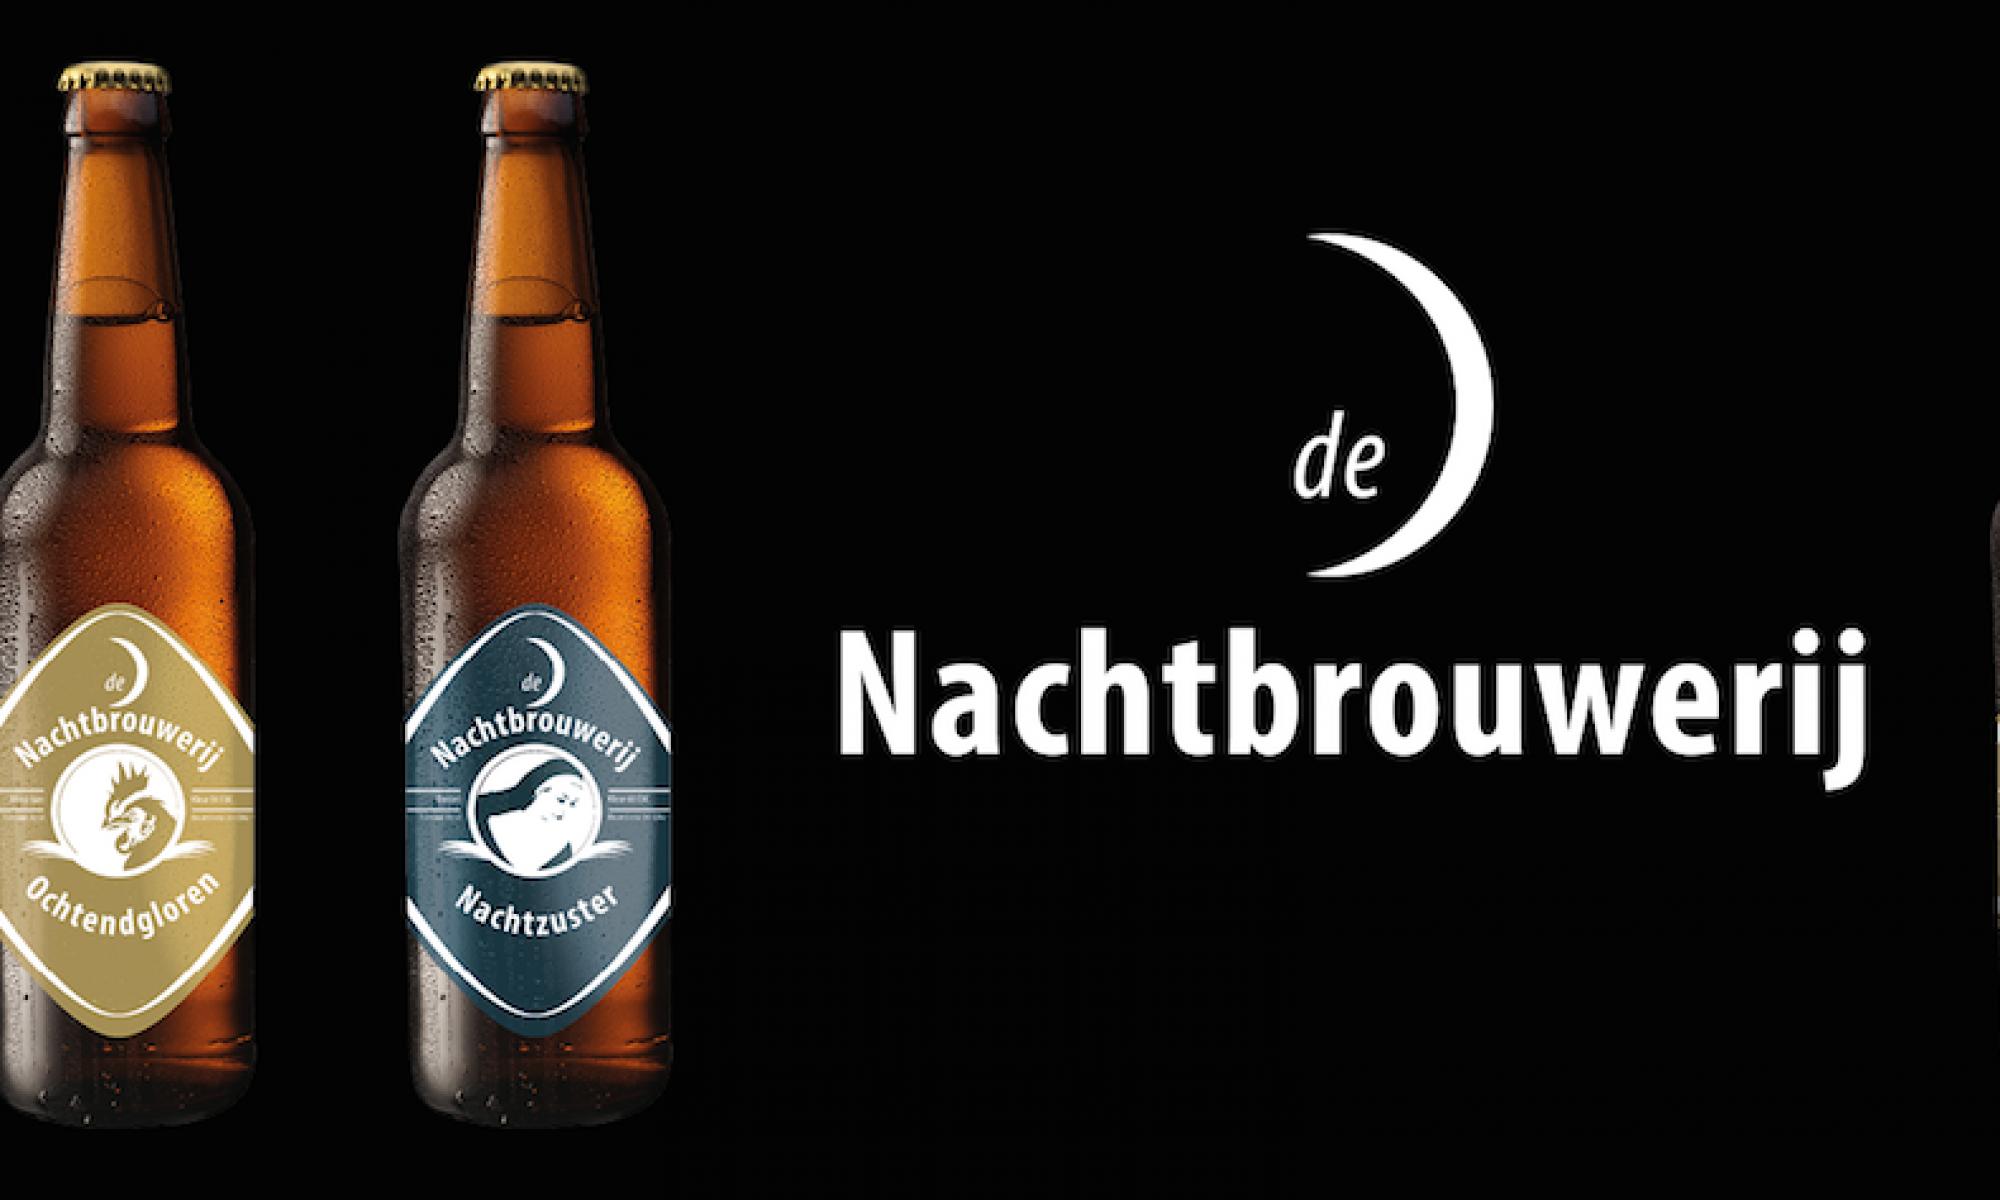 De Nachtbrouwerij